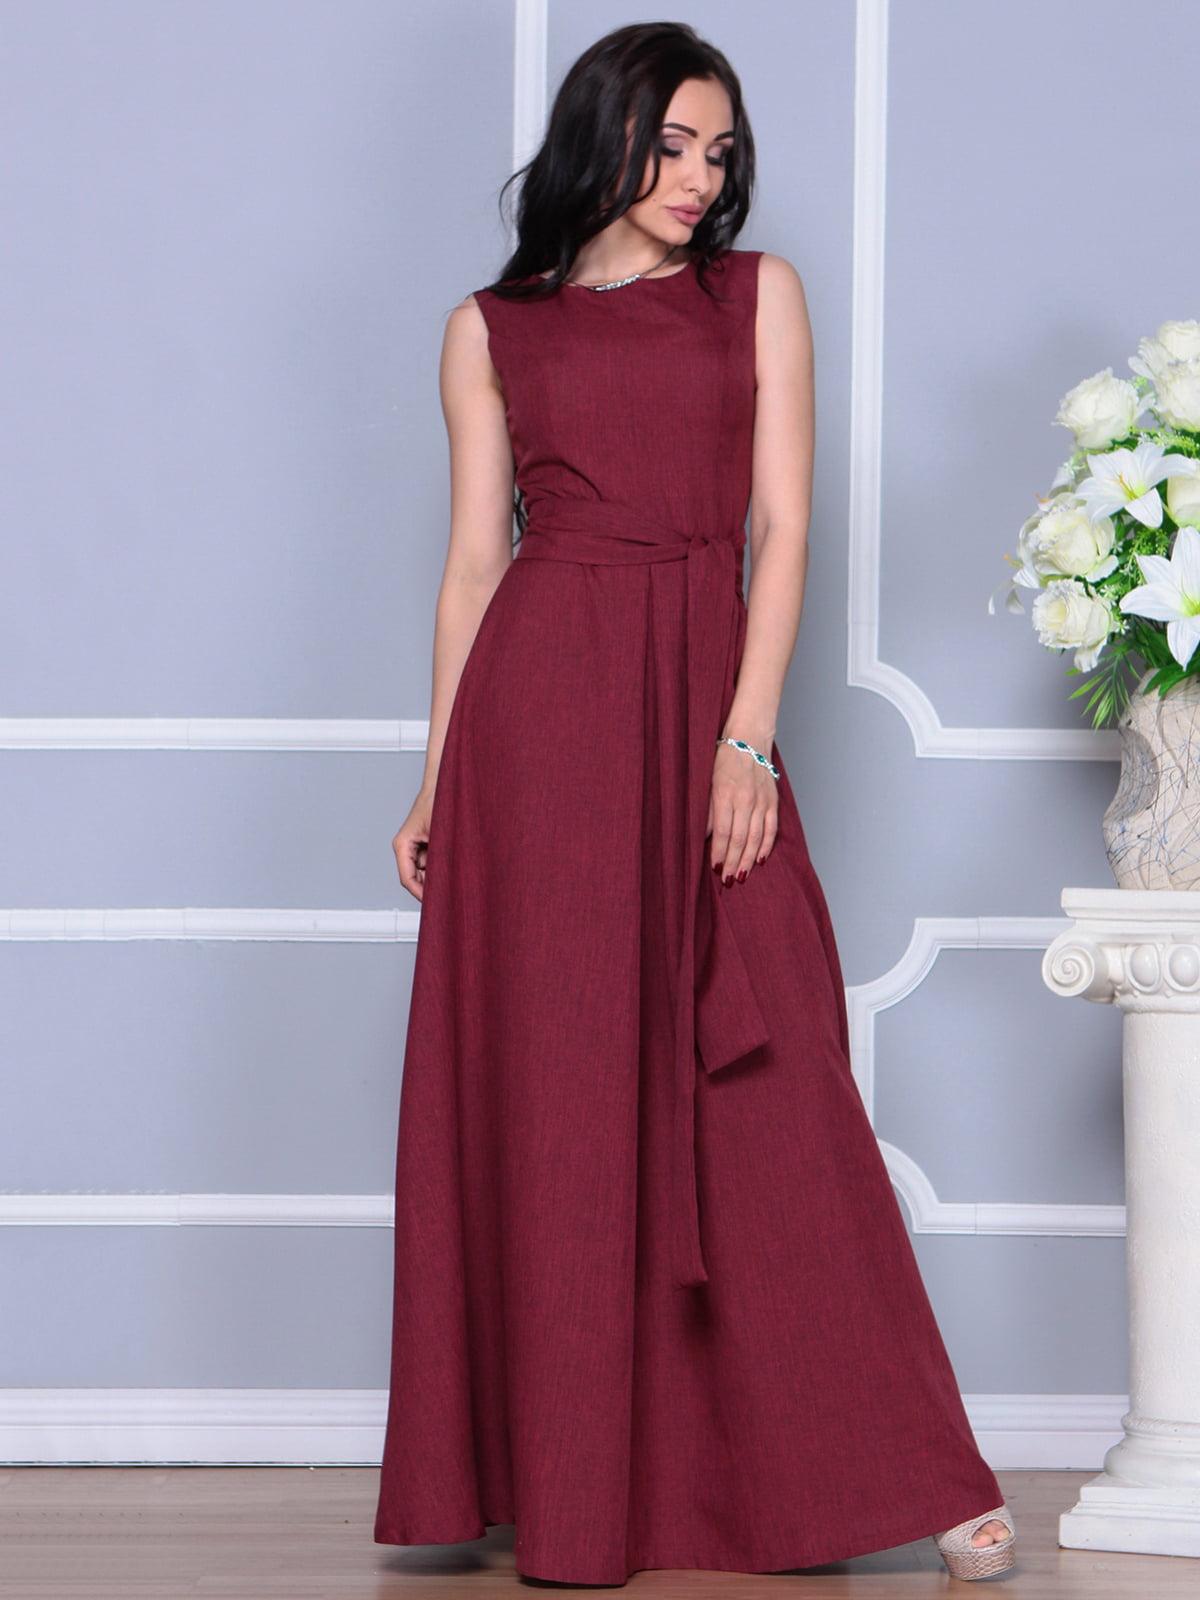 Платье светло-сливовое   4297745   фото 5